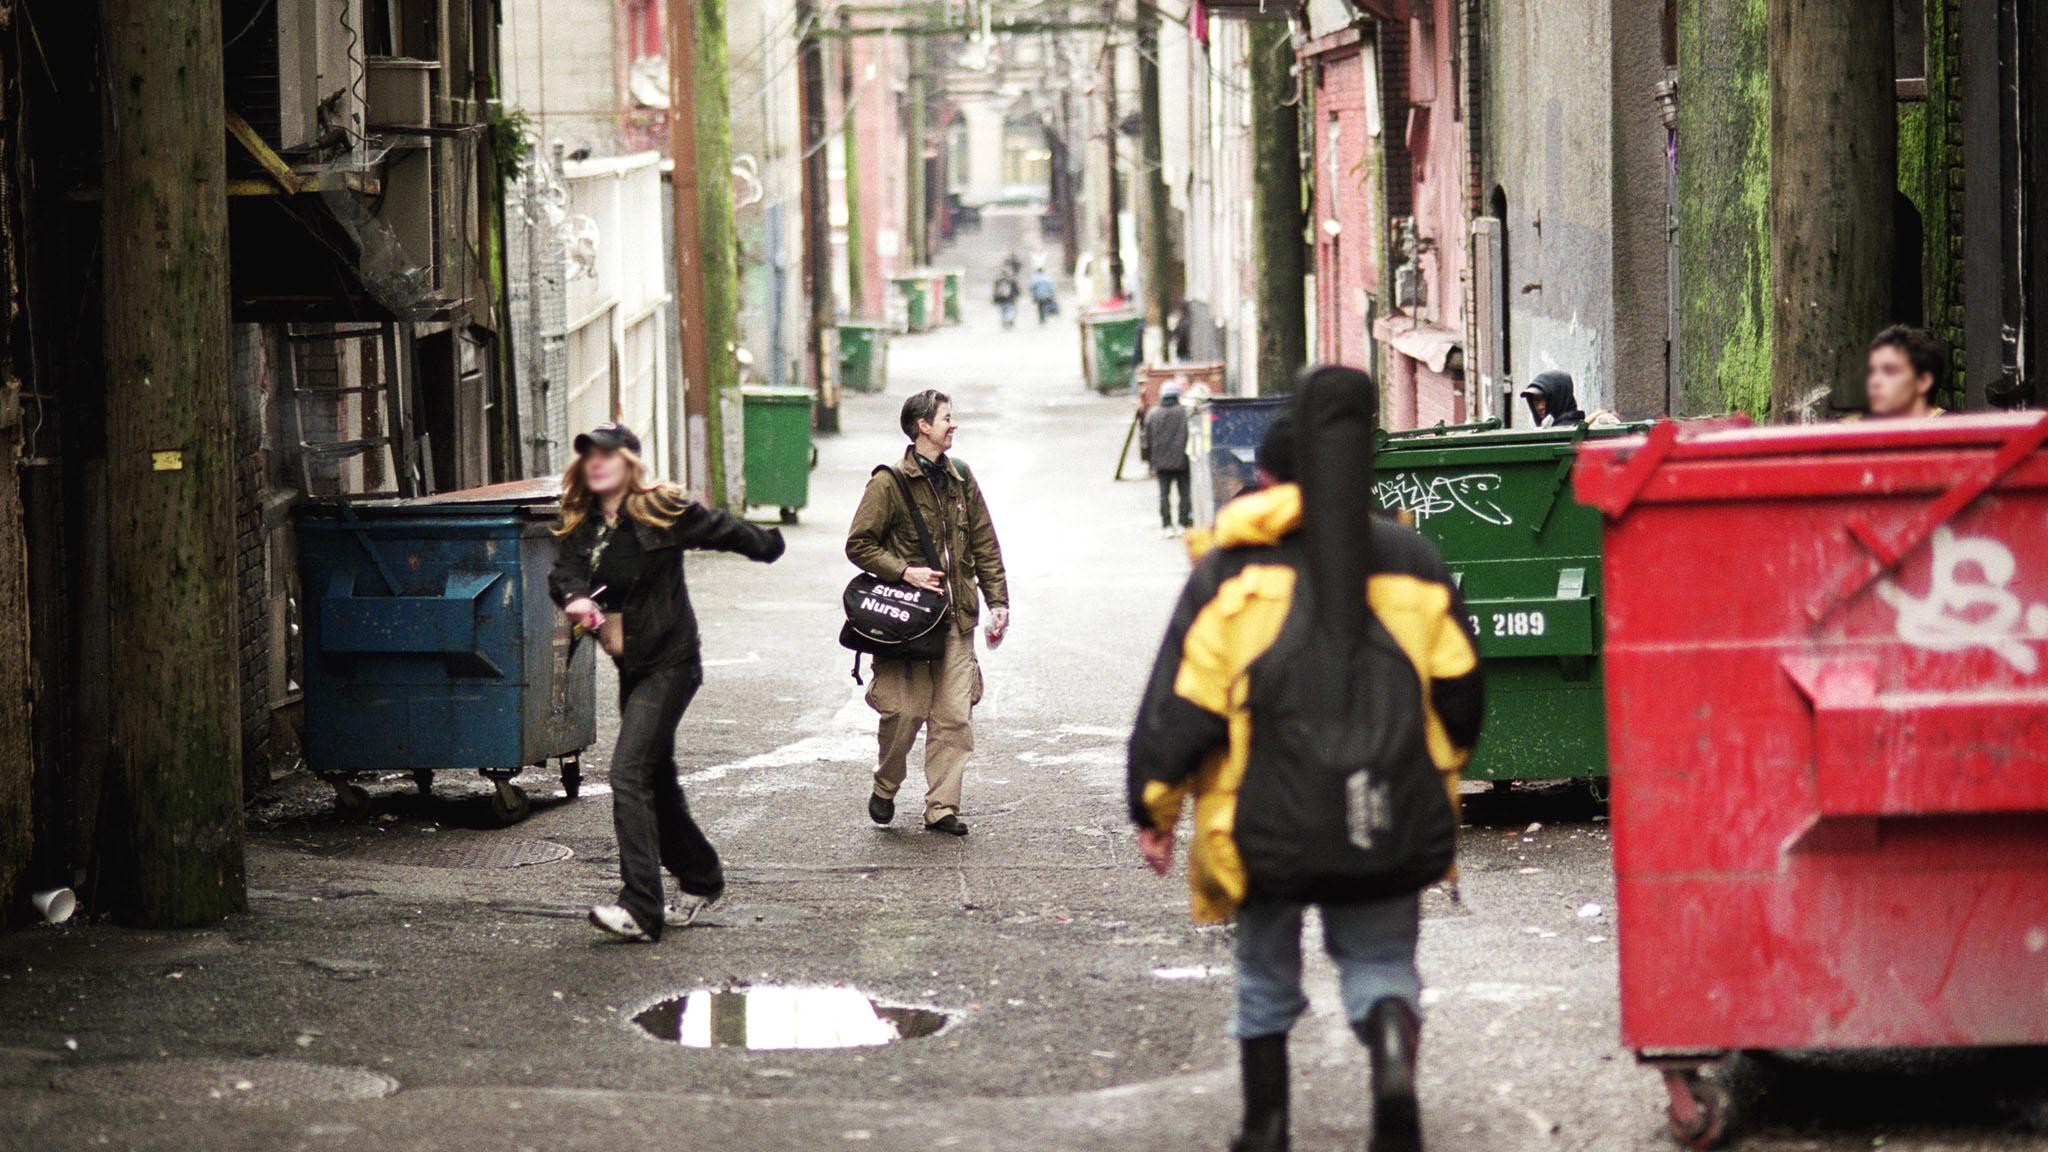 Biseau vers le haut : Chapitre 5 - Jeunes de la rue